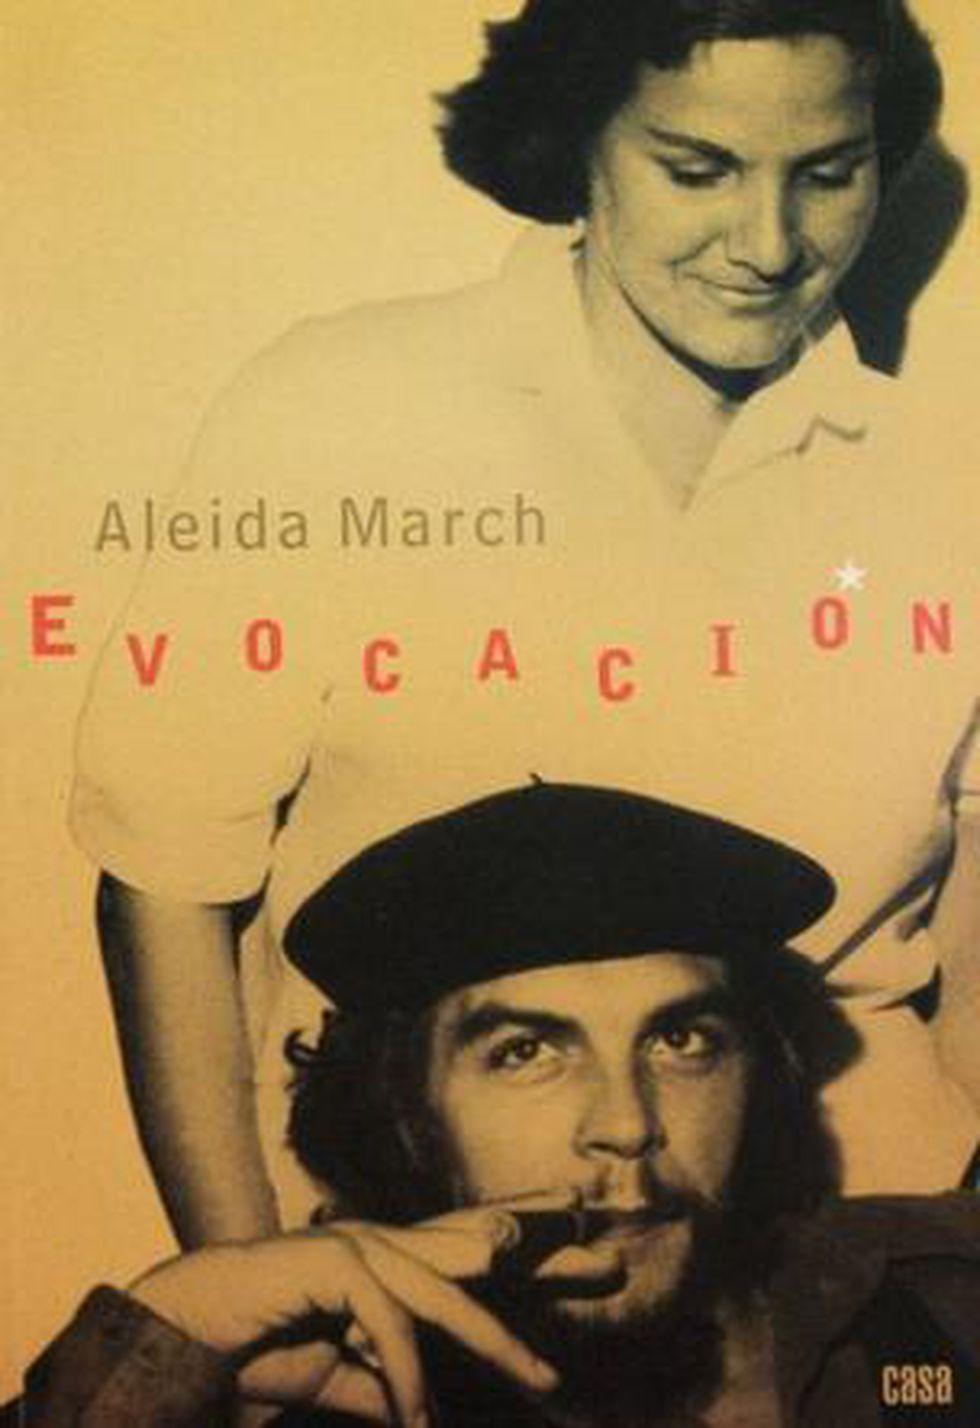 """En su libro de memorias, March asegura que Guevara no quiso decir """"Hasta la victoria siempre"""". (Foto: AFP, via BBC Mundo)"""